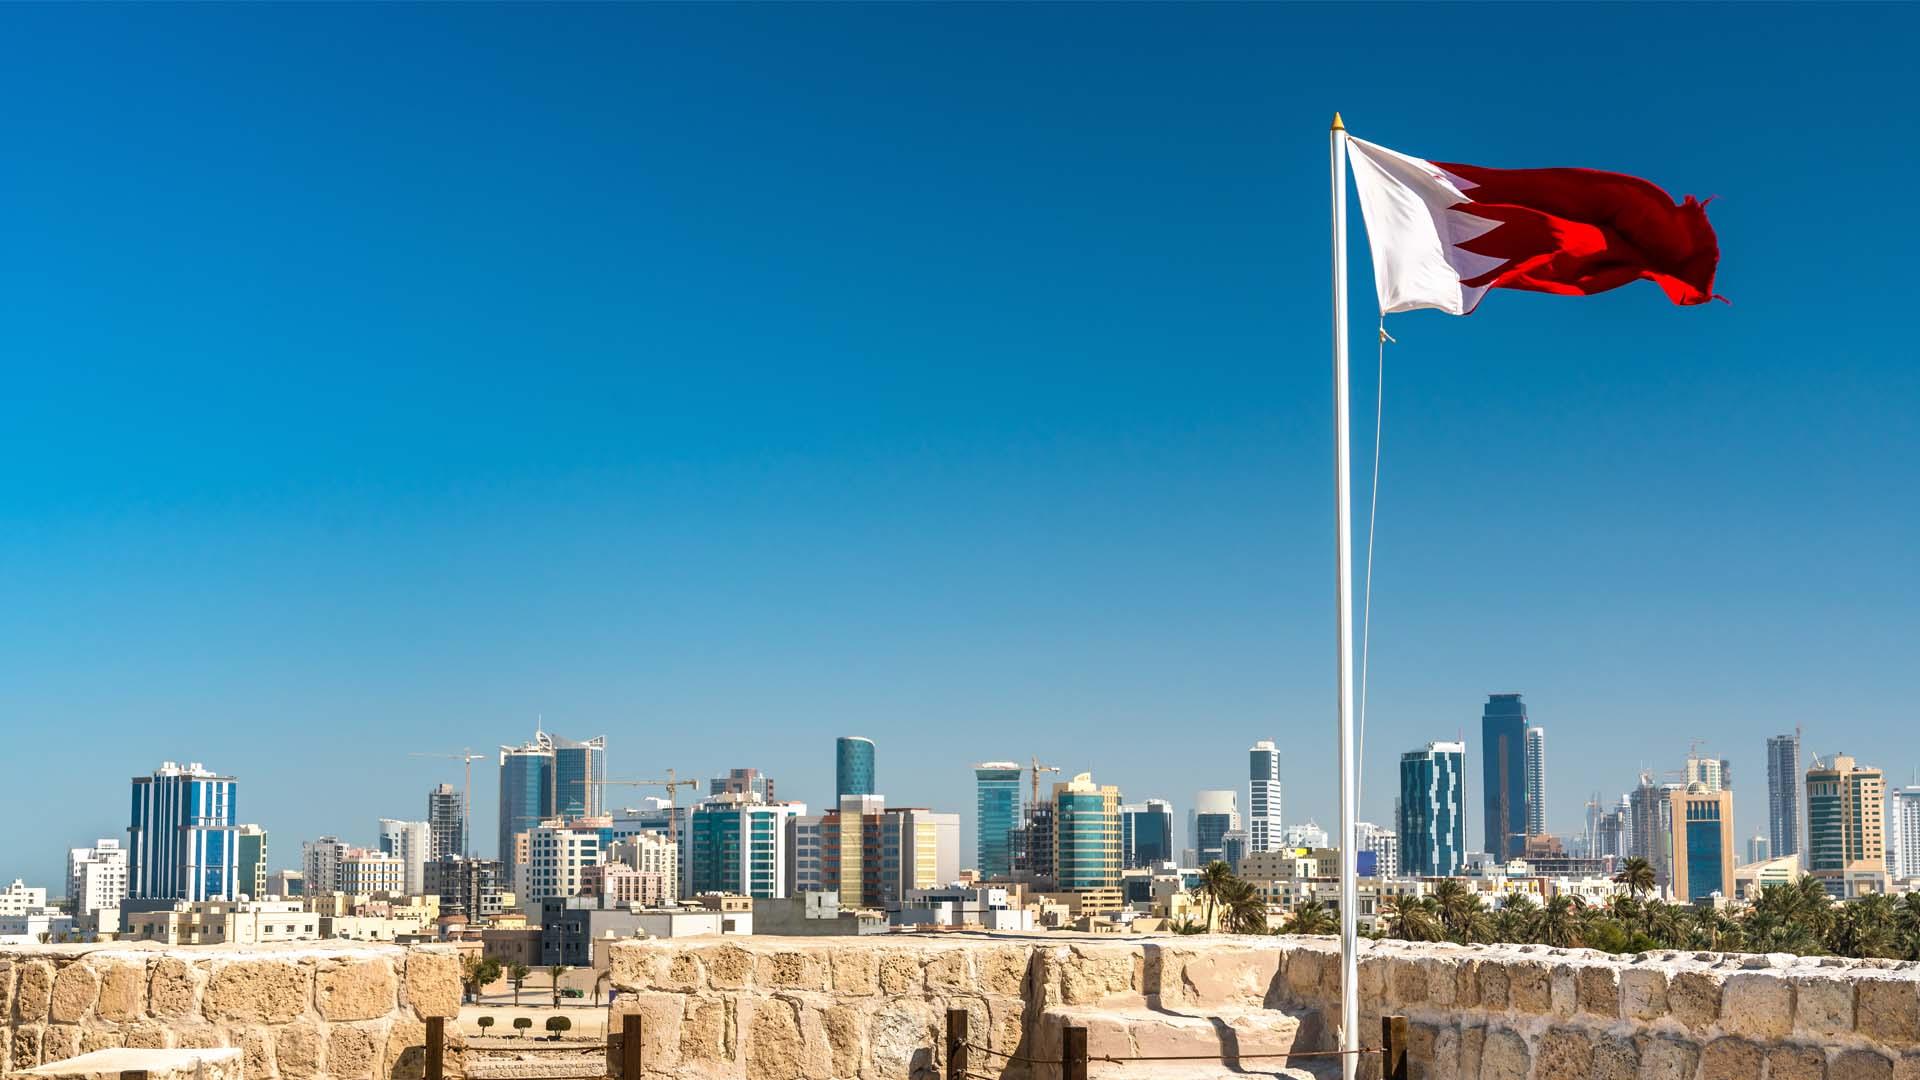 البحرين تدفع 50٪ من رواتب مواطنيها المؤمن عليهم والمتأثرين بجائحة كورونا